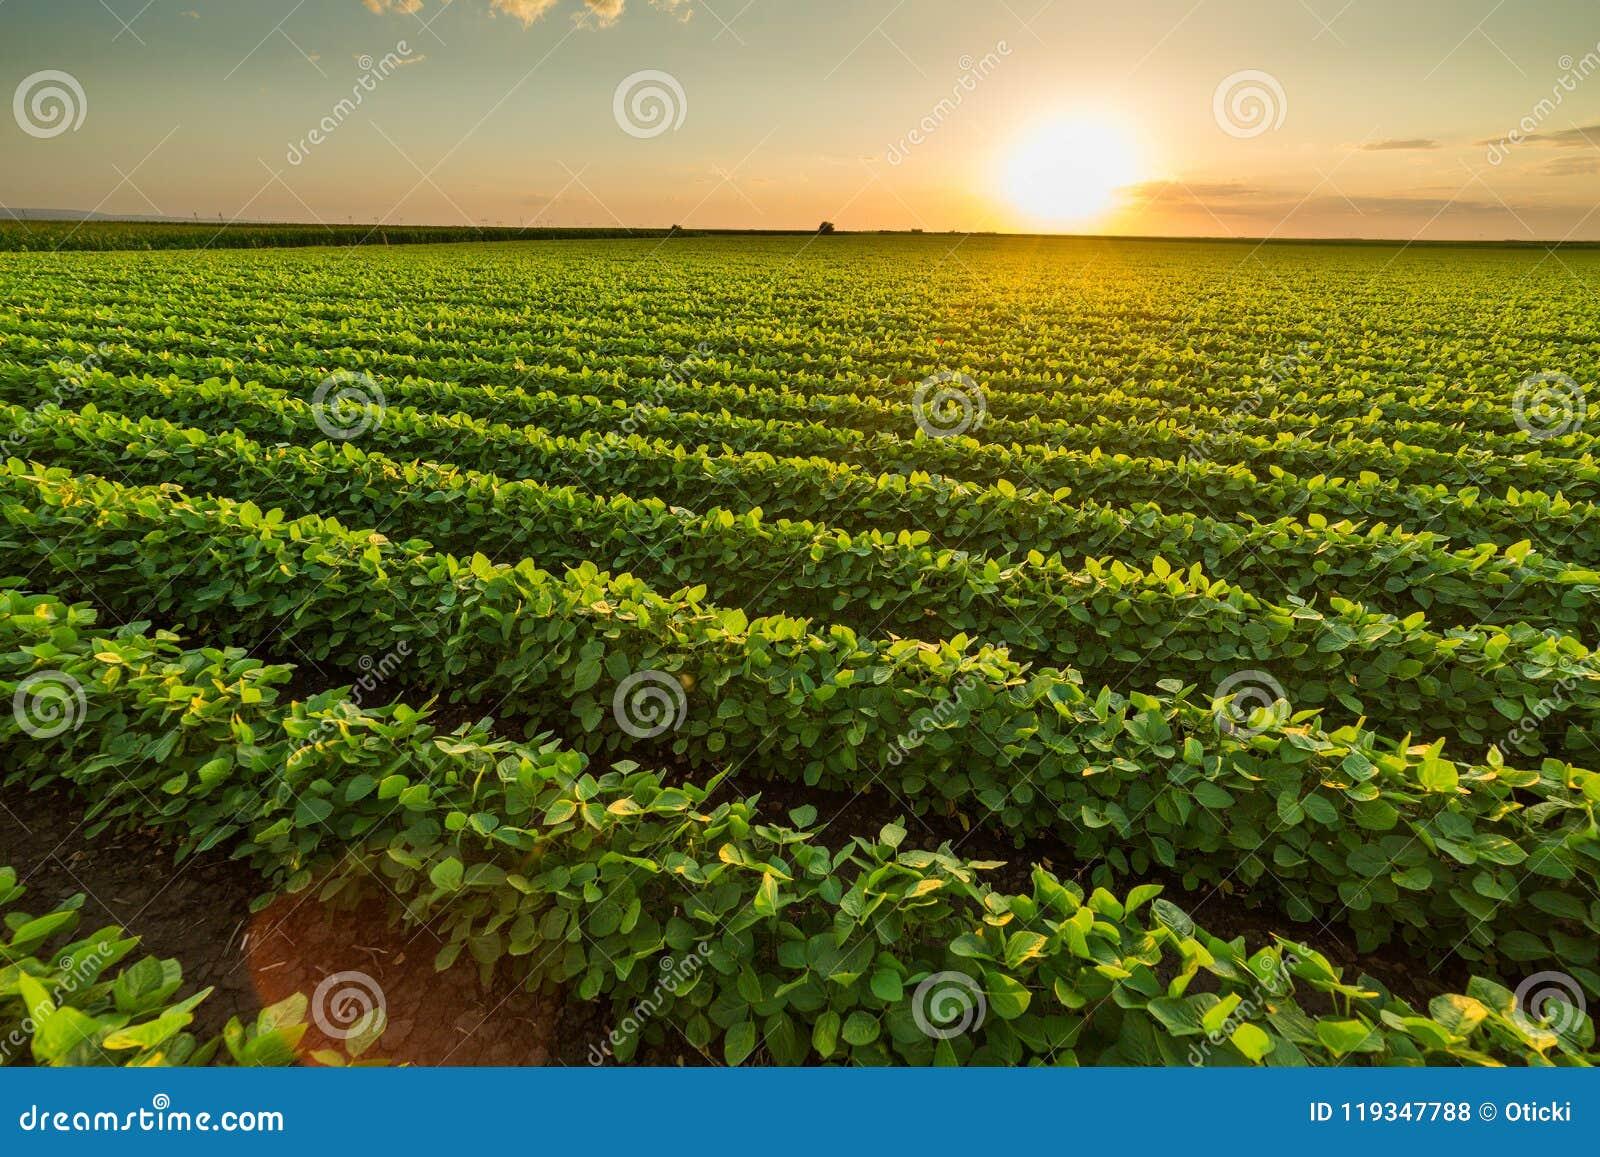 Grünes reifendes Sojabohnenfeld